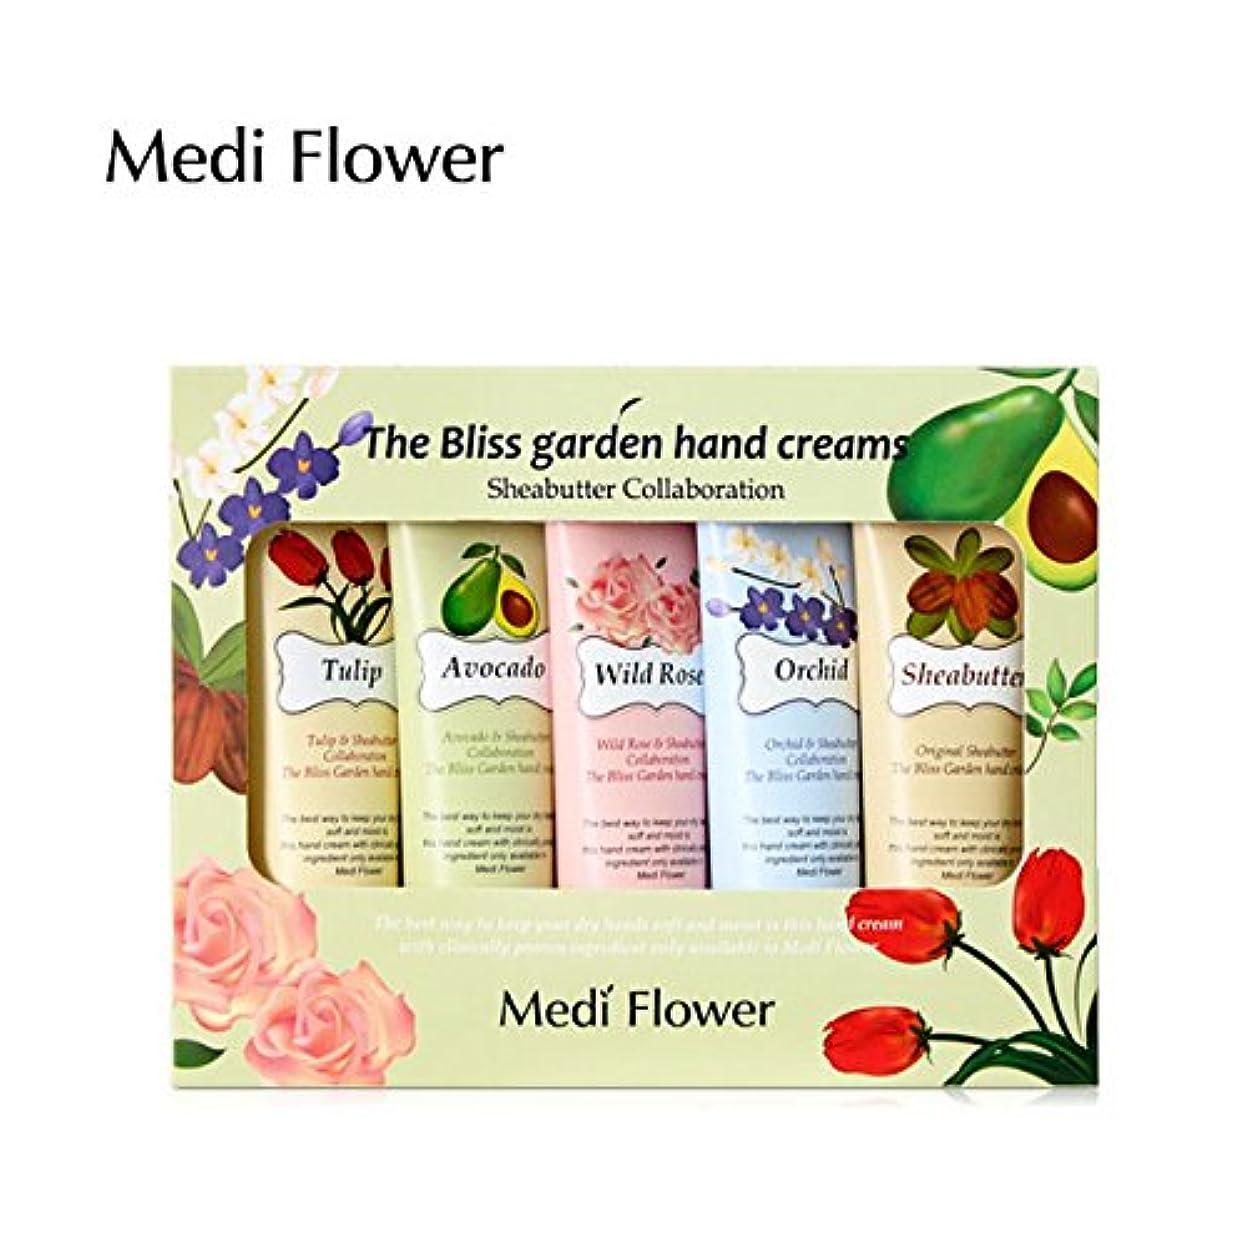 とは異なり終了しましたボウリング[MediFlower] ザ?ブリスガーデン?ハンドクリーム?シアバターコラボレーション 50g x 5個セット / The Bliss Garden Hand Creams (Sheabutter Collaboration)